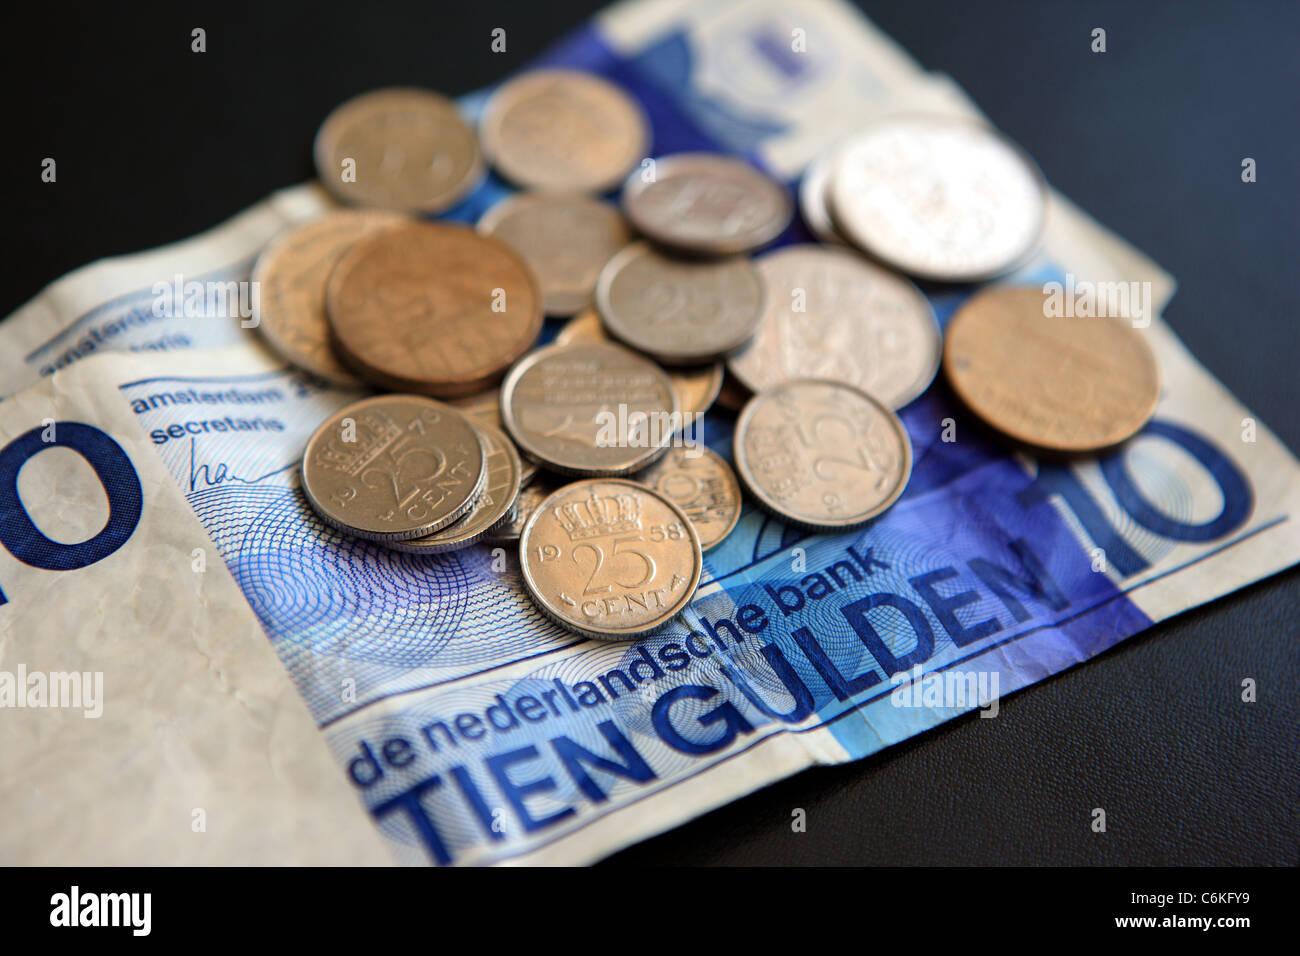 Gulden Banknoten Und Münzen Die Offizielle Währung Der Niederlande